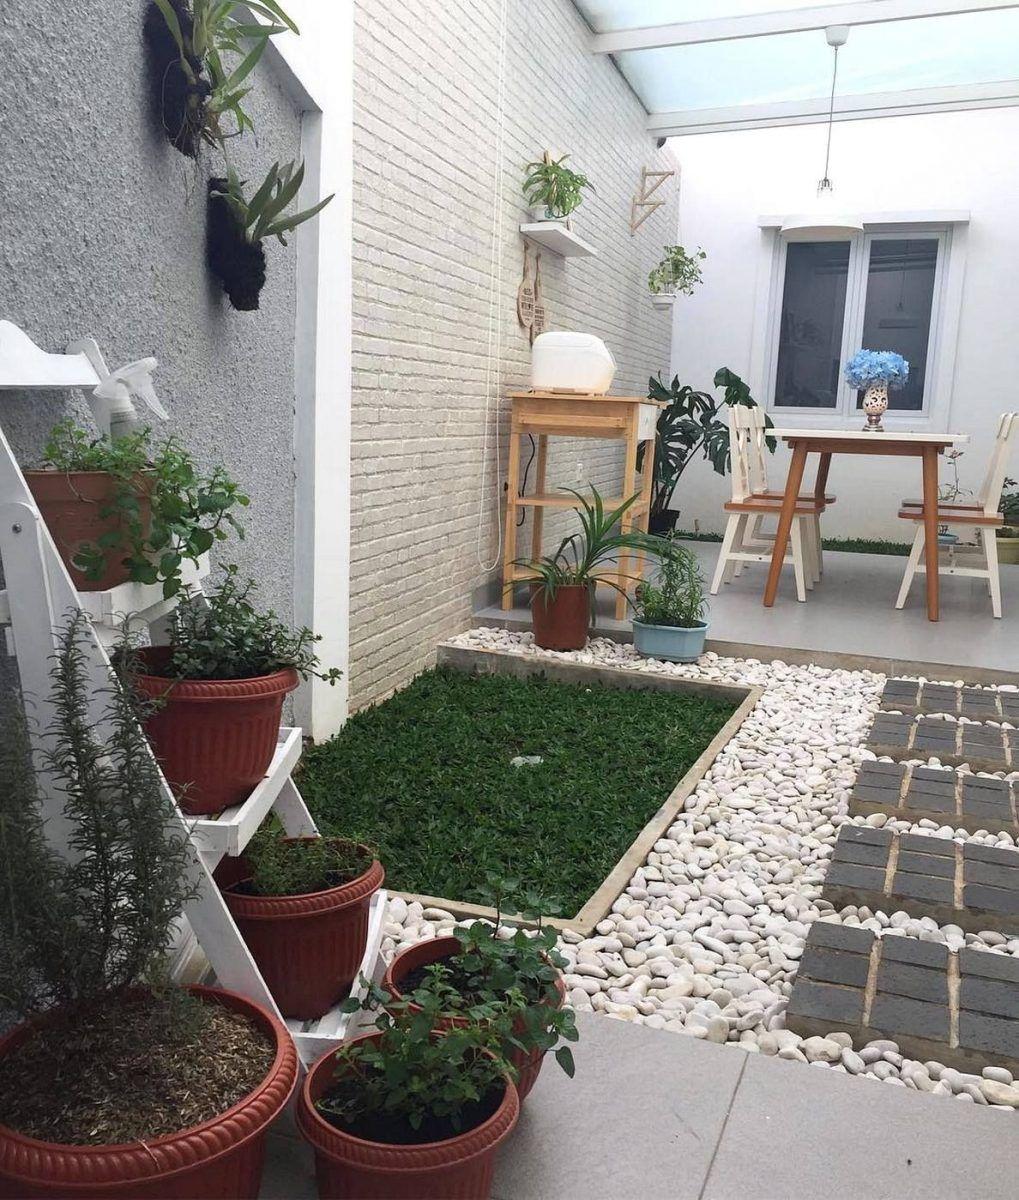 Desain Rumah Minimalis Desain Rumah Idaman Ide Desain Taman Cantik Di Dalam Rumah Desain Rumah Minimalis Desain Rumah Idaman Desain Rumah Sederhana Desai Di 2020 Ide Halaman Belakang Rumah Kebun Halaman Belakang